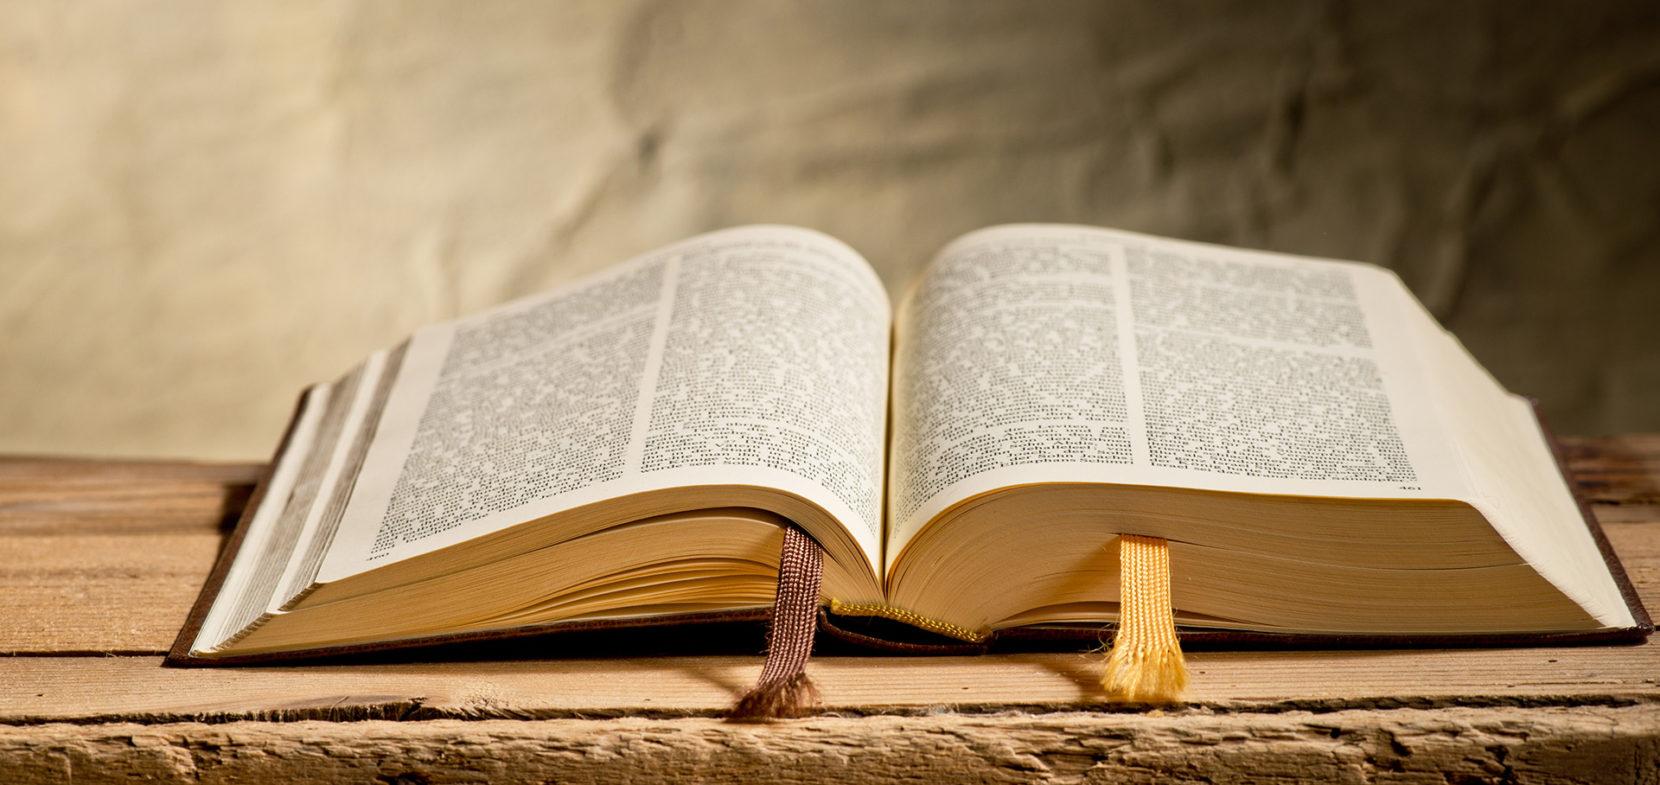 Geistliches Wort zum Sonntag Exaudi, 16.05.2021